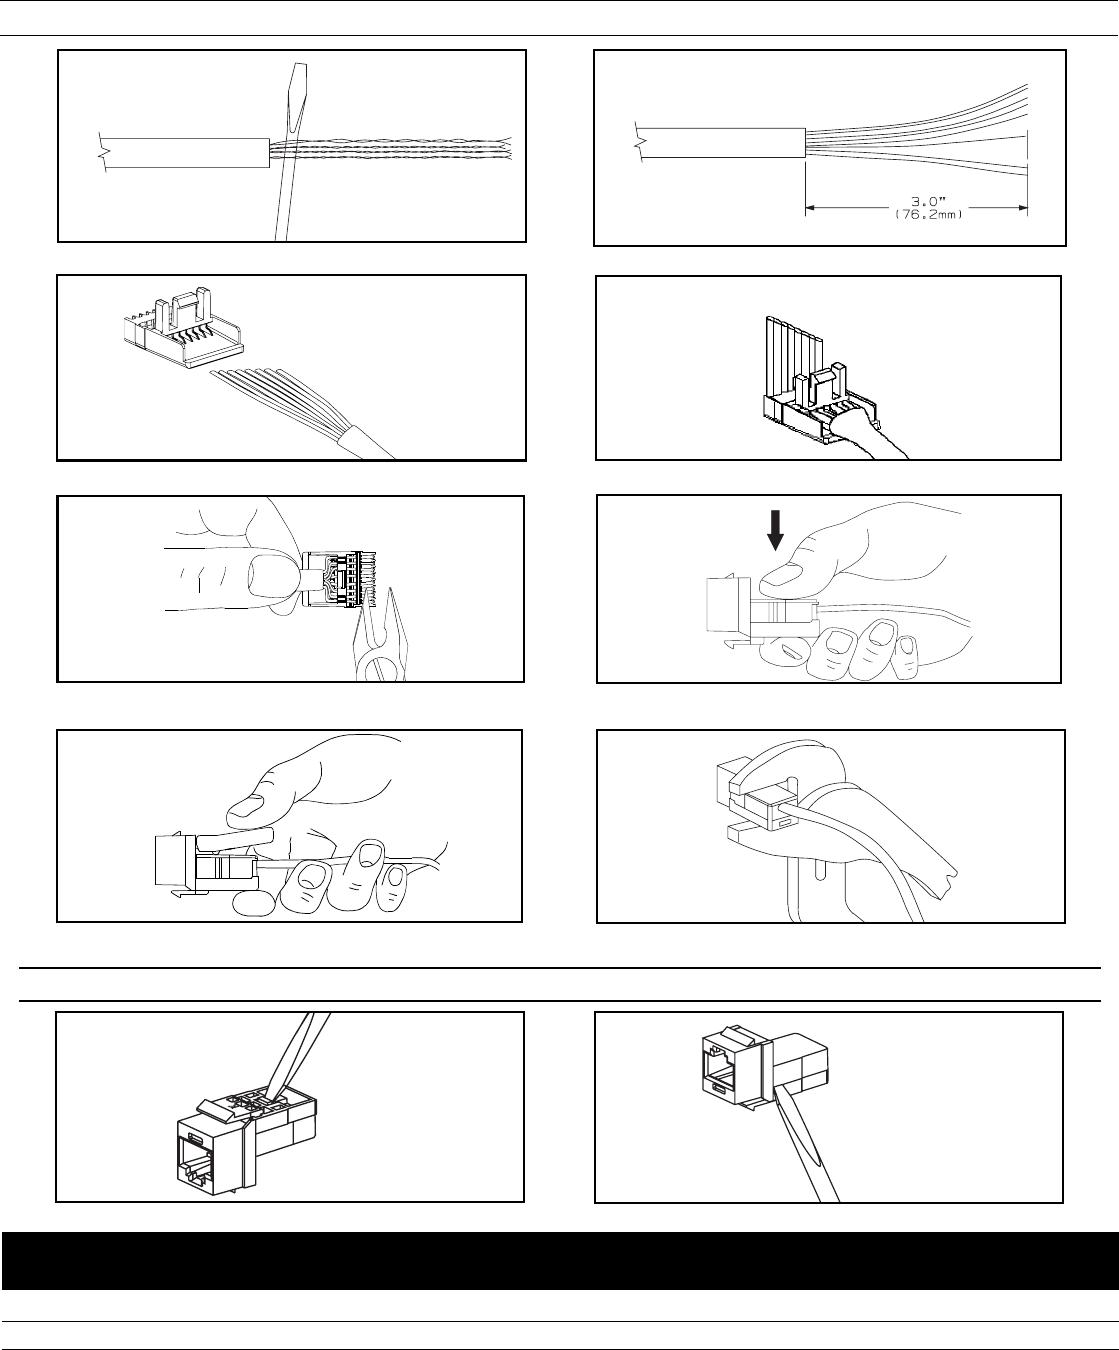 Nk178b Installation Directions Panduit Rj11 Wiring Diagram